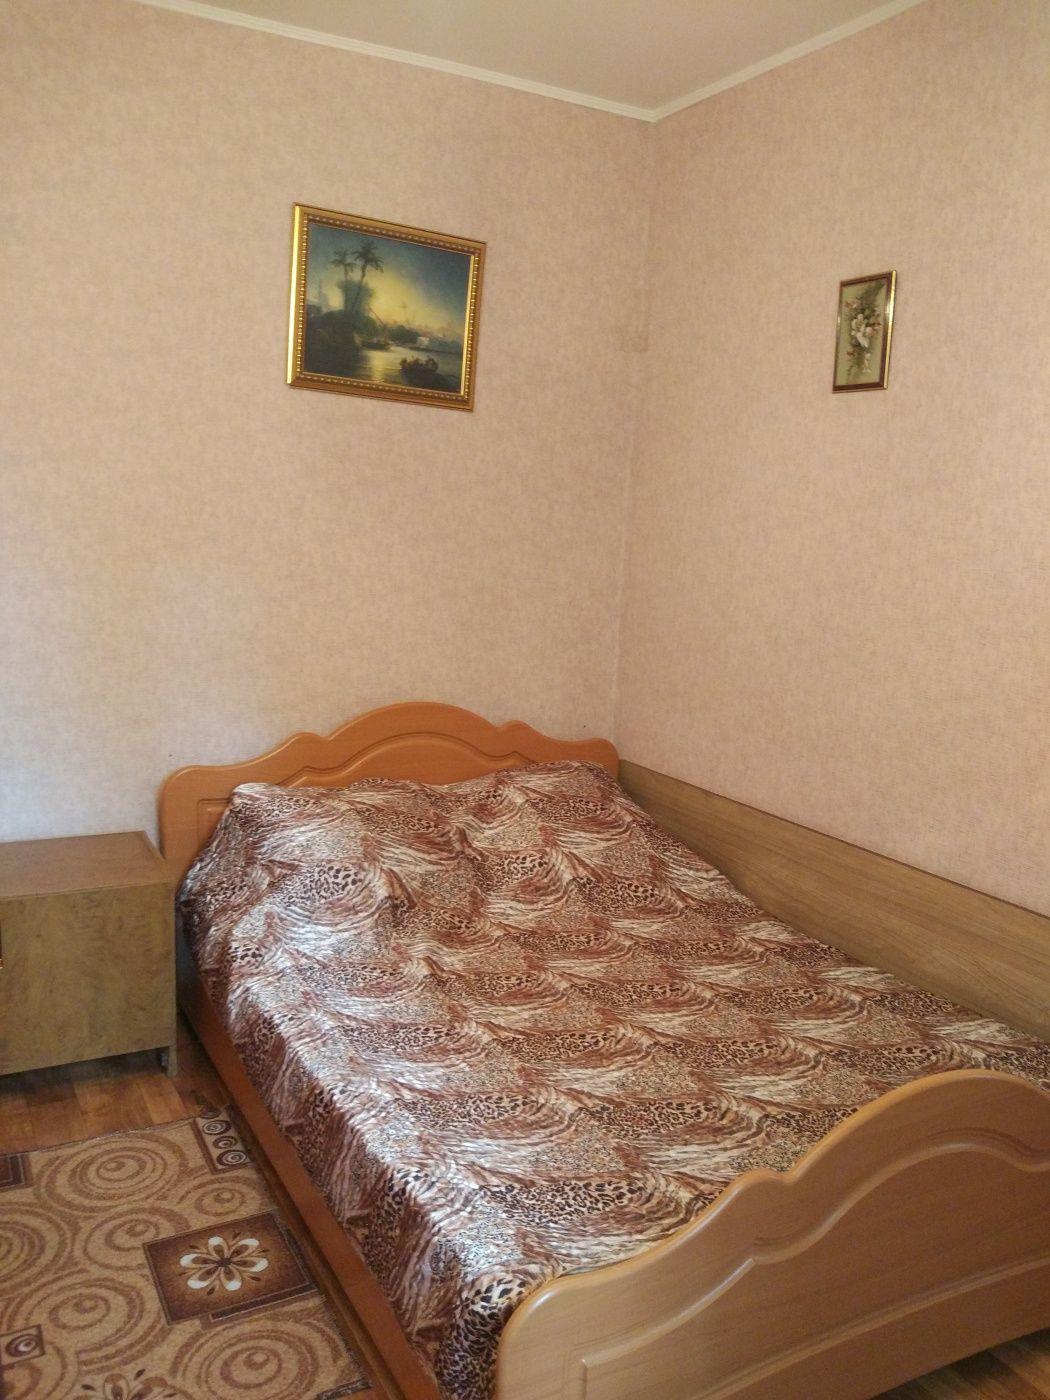 Турбаза «Домостроитель» Саратовская область 2-комнатный номер с удобствами (корпус № 2), фото 1